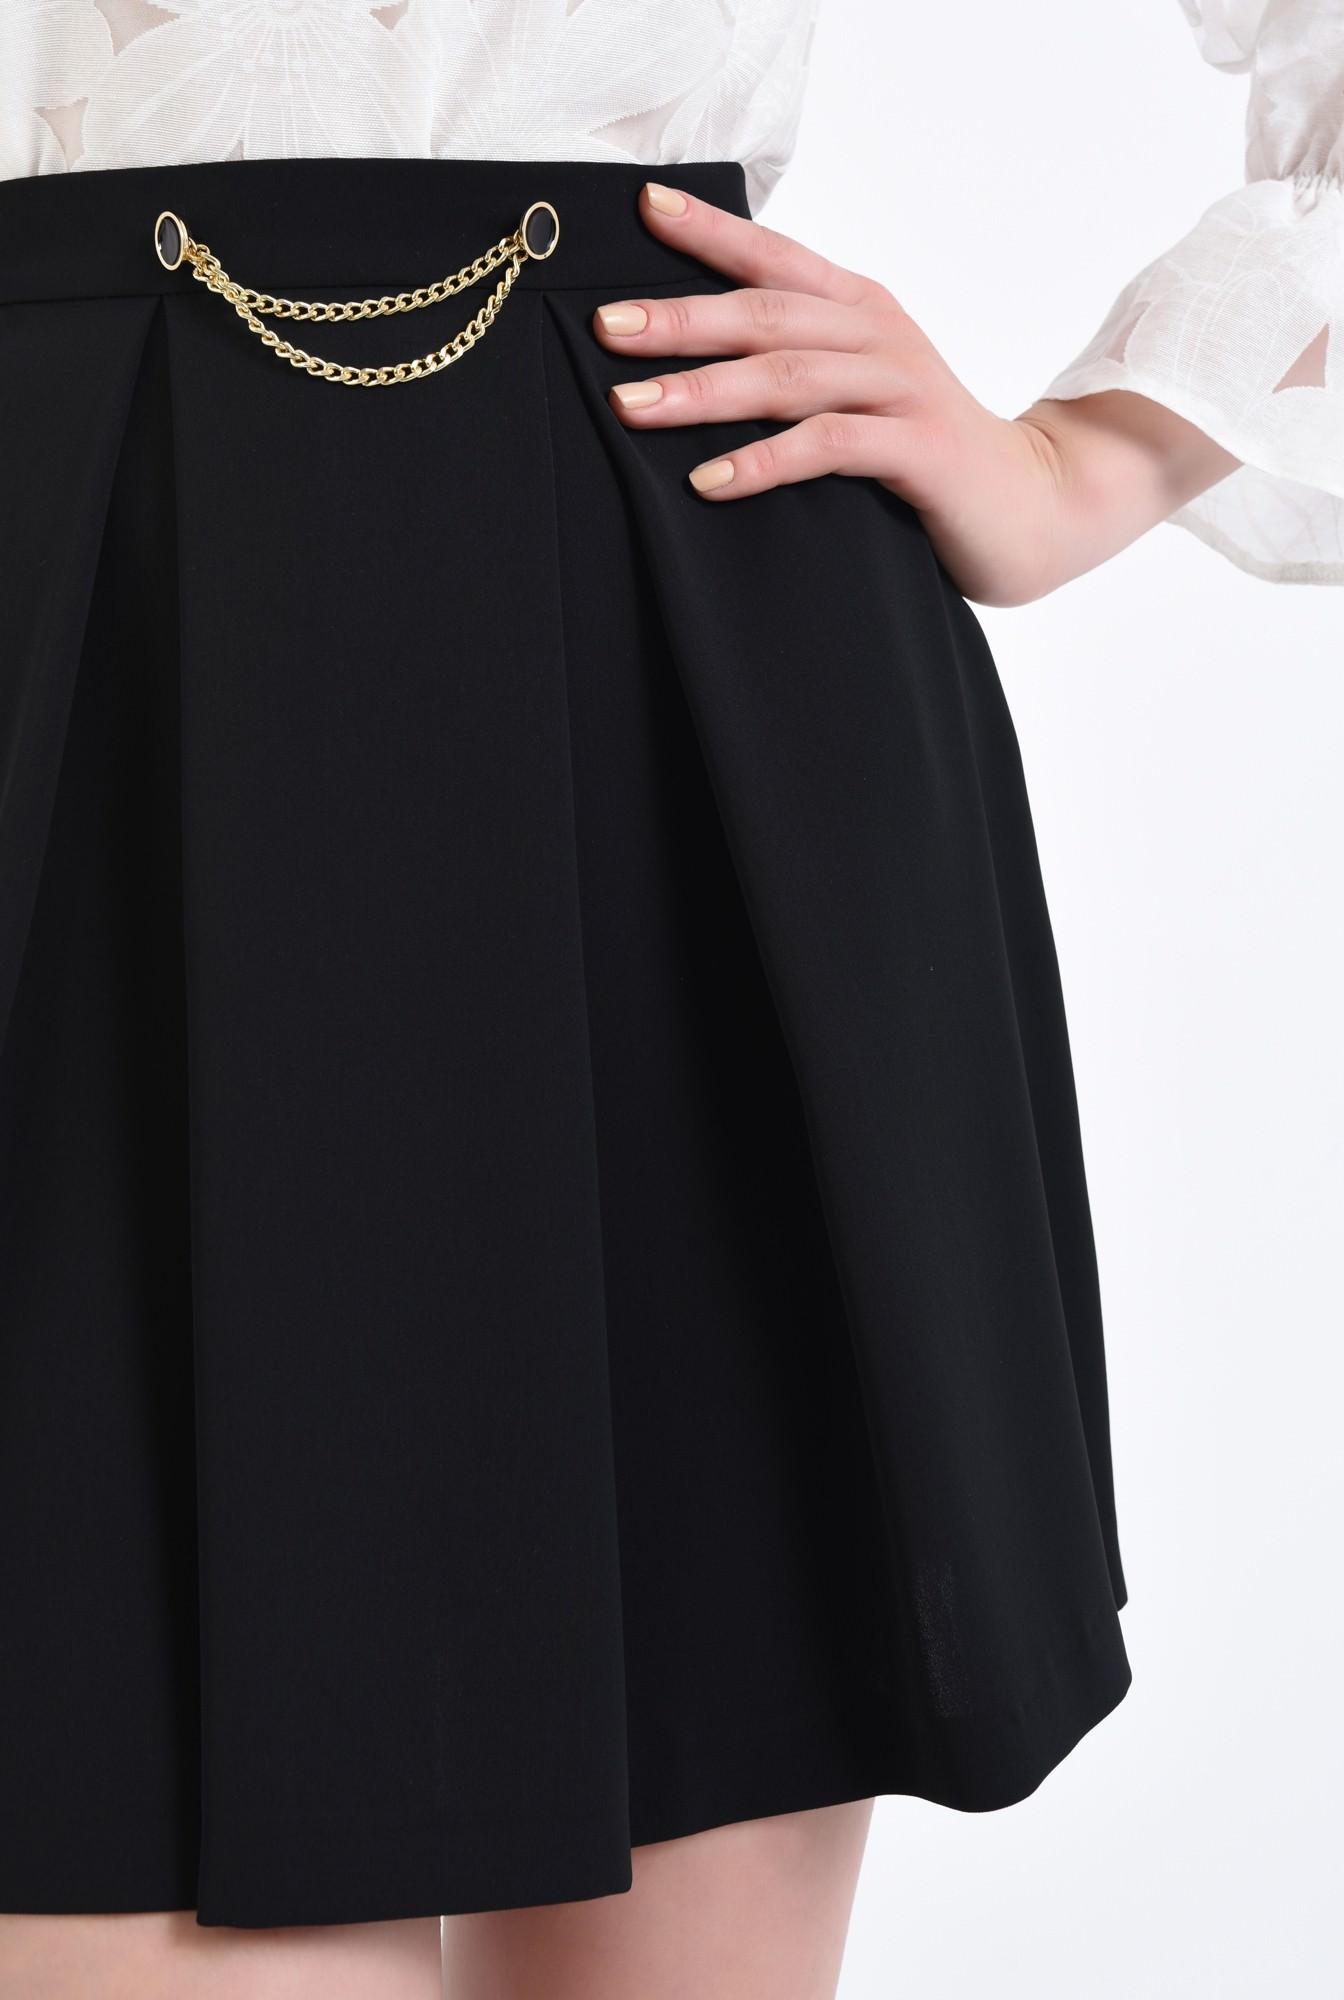 2 - Fusta eleganta, neagra, scurta, fermoar